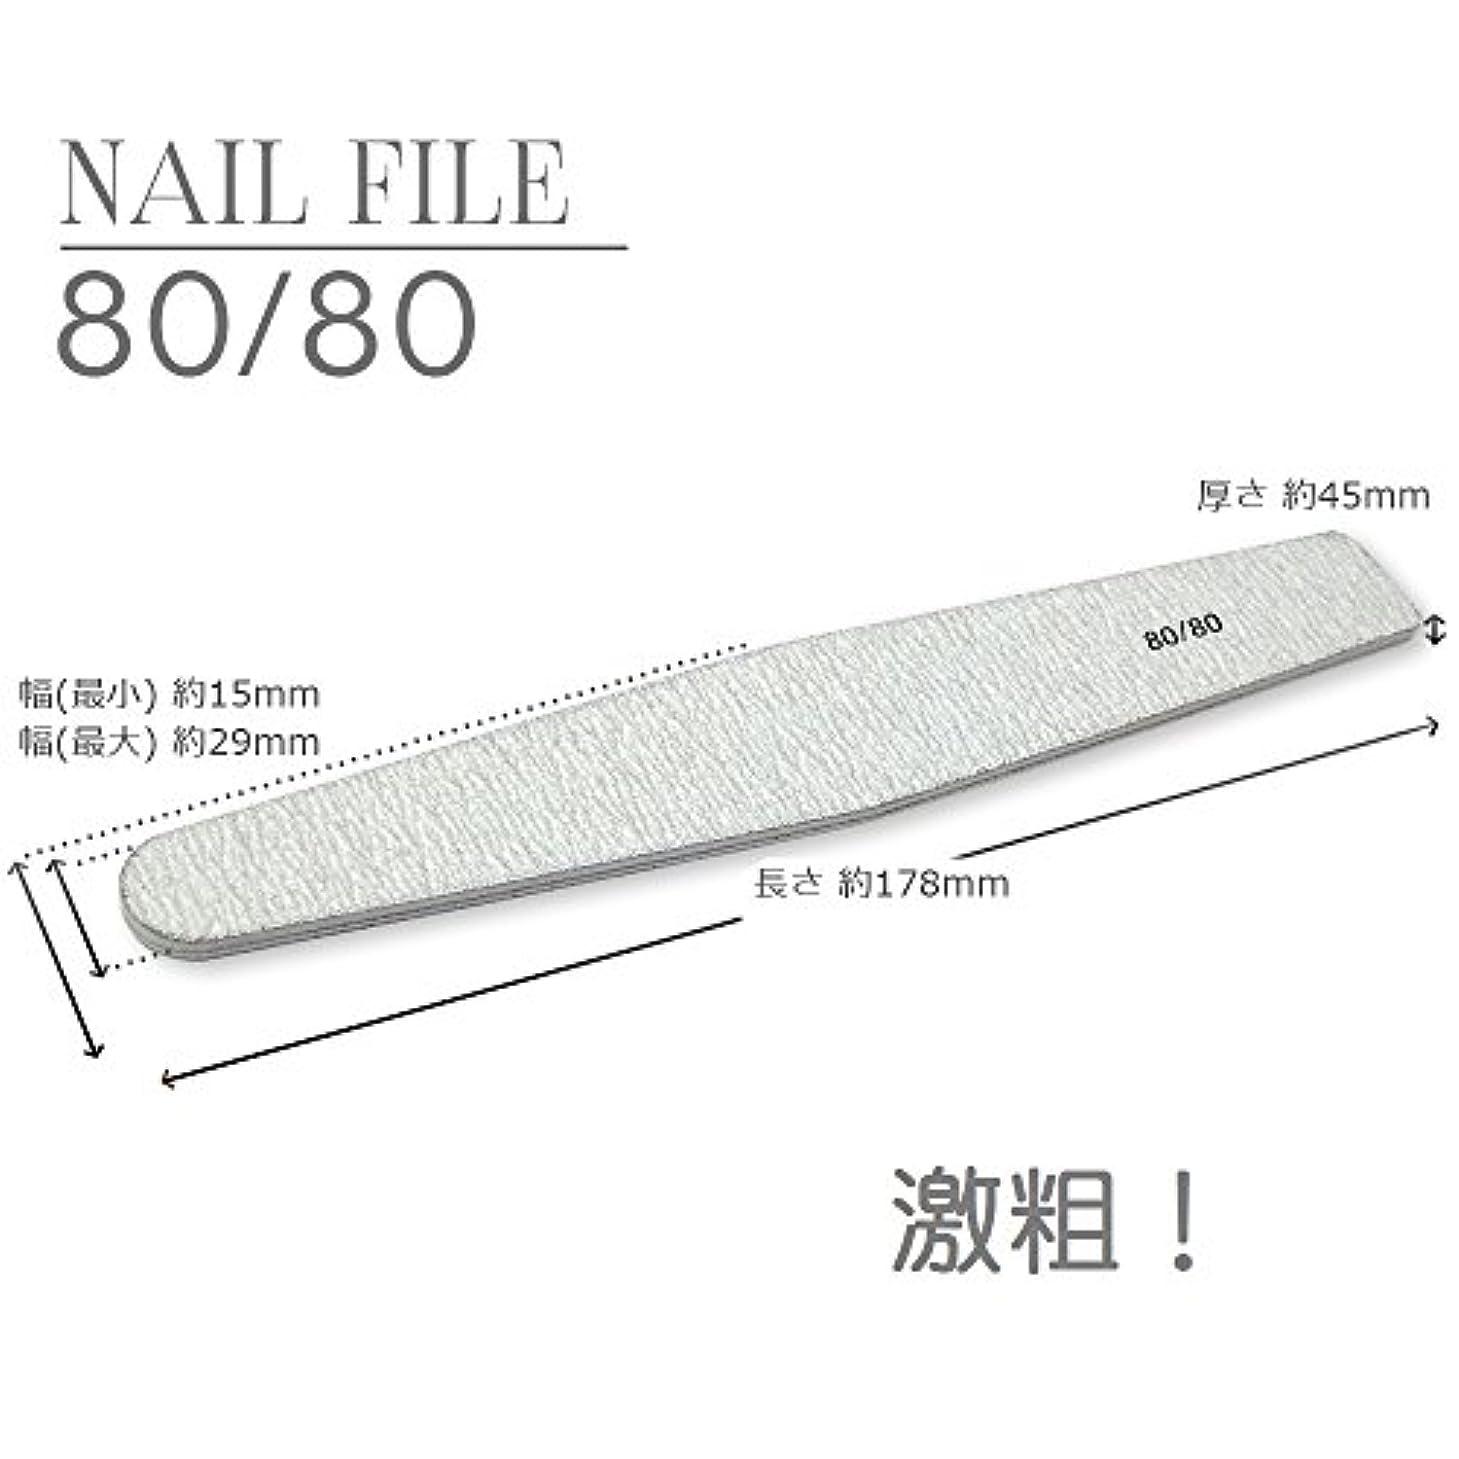 スキップ持っている寸前ネイルファイル【80/80】激粗 1本 ★ガリガリ削れます!